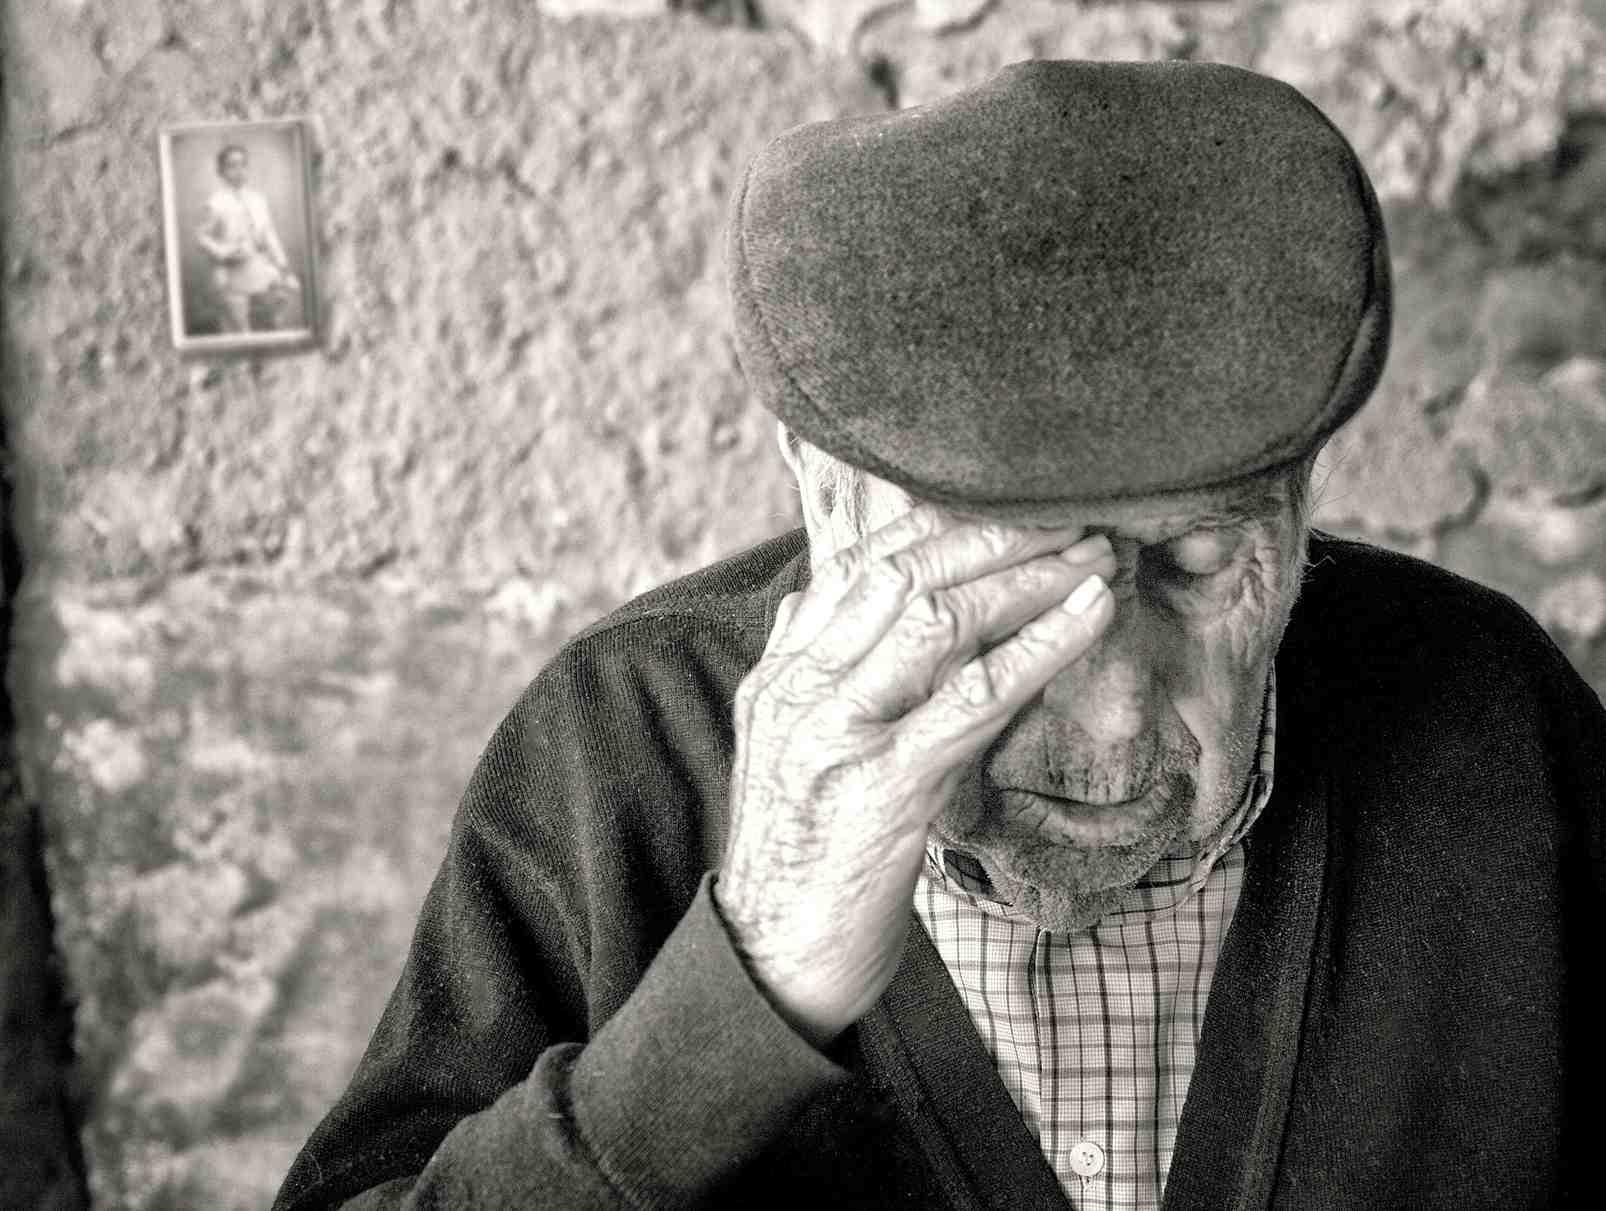 Vicent Guill guanya un concurs fotogràfic organitzat per una associació d'Alzhéimer gallega